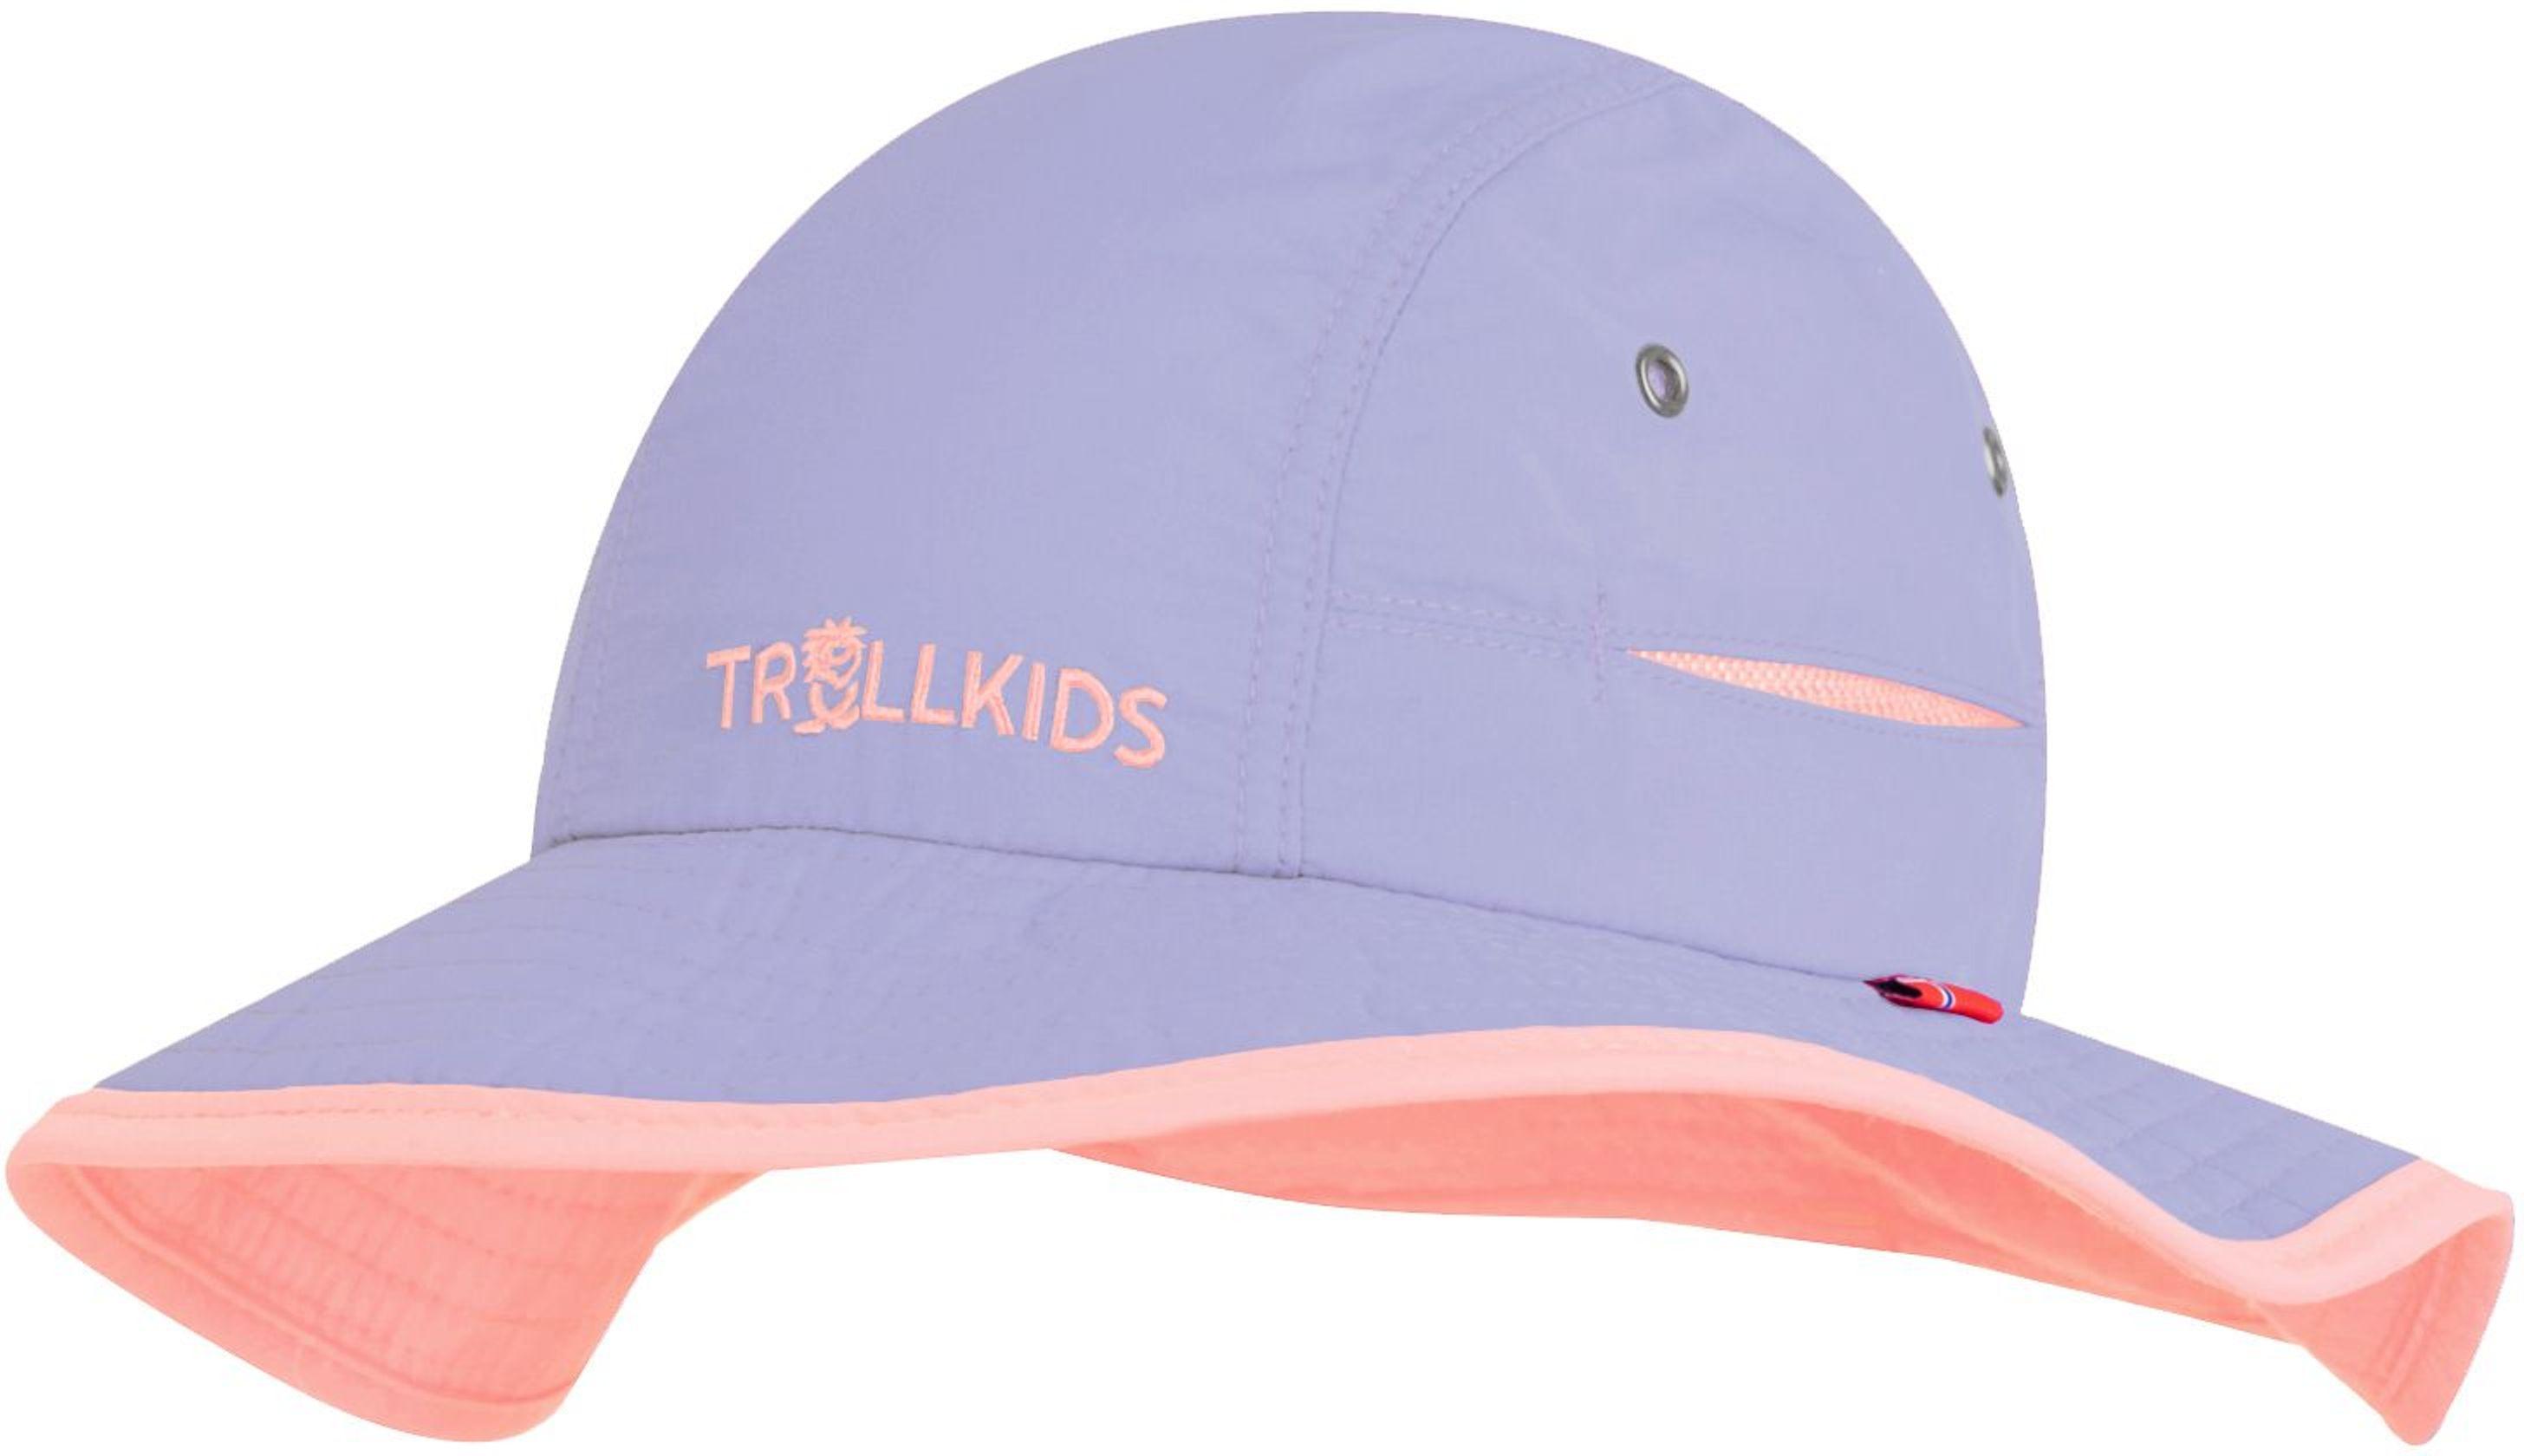 Trollkids Troll Hat lavender